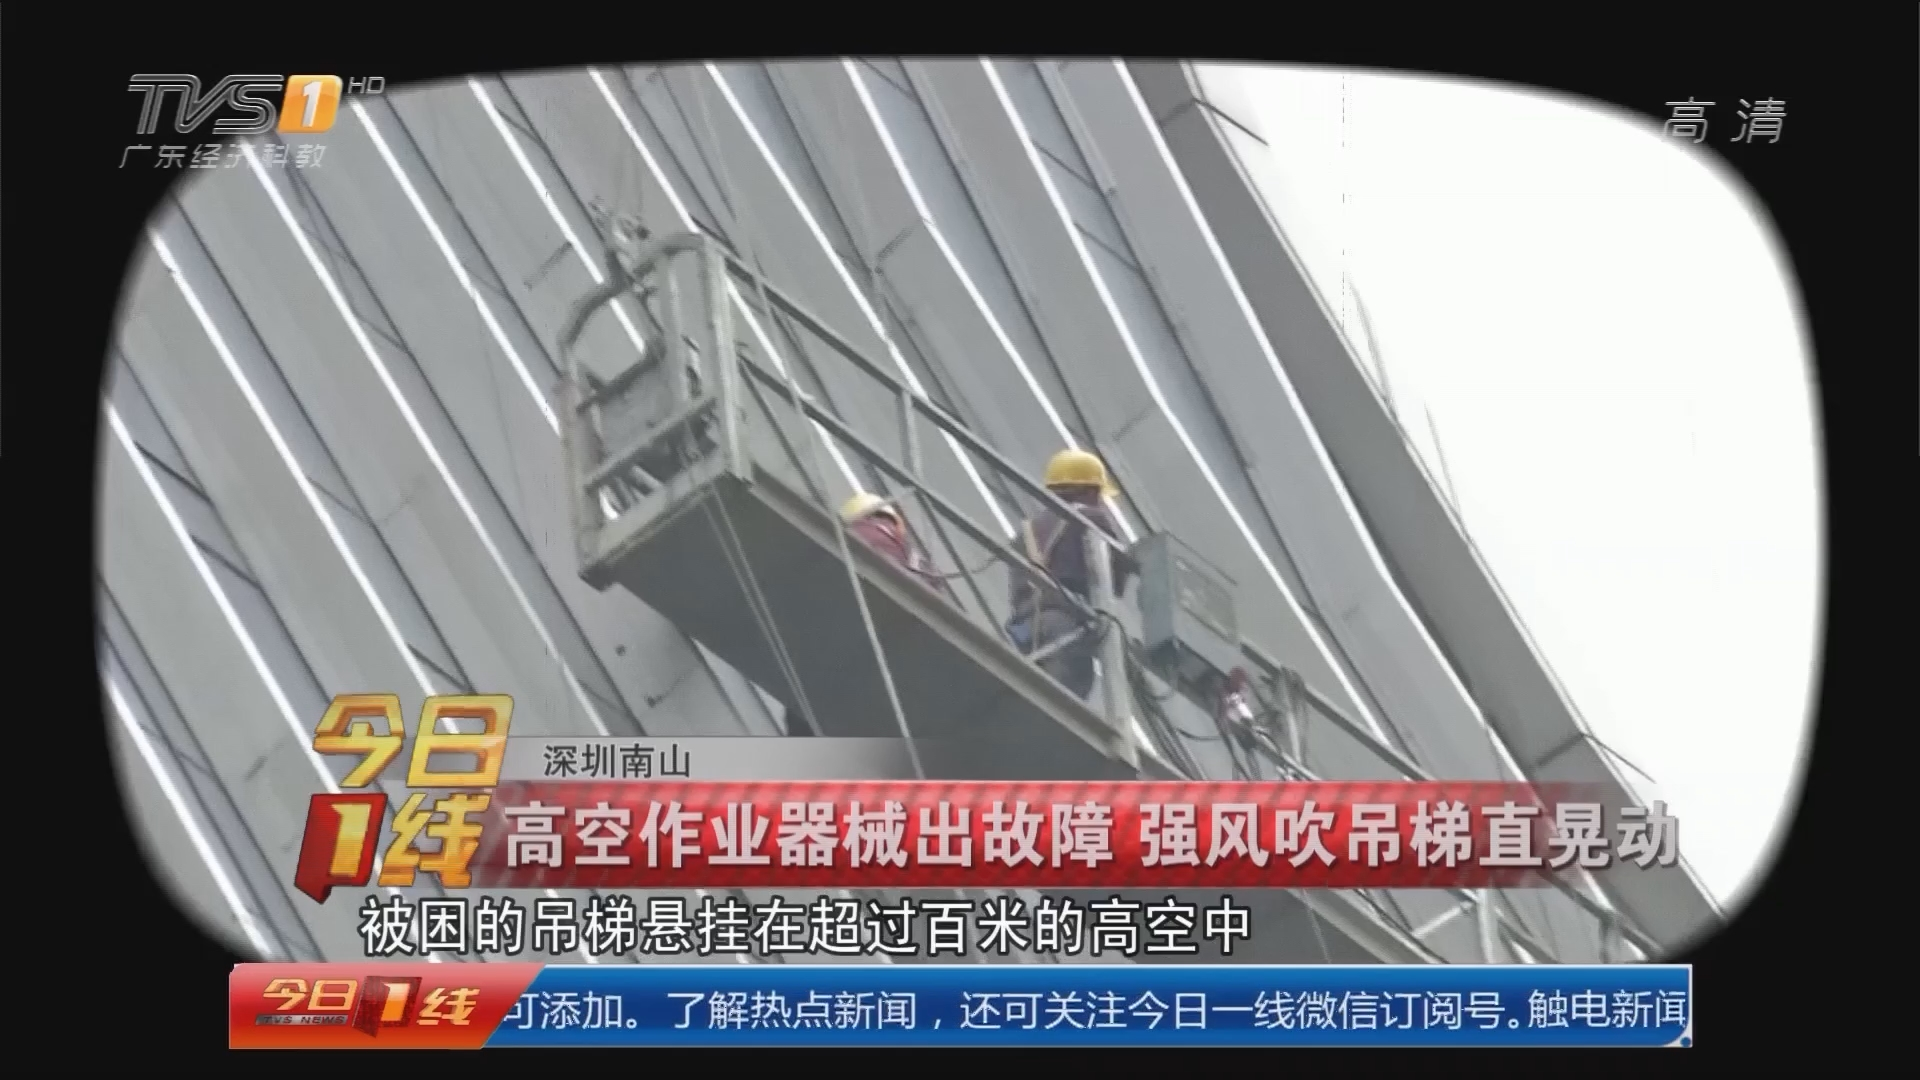 深圳南山:高空作业器械出故障 强风吹吊梯直晃动